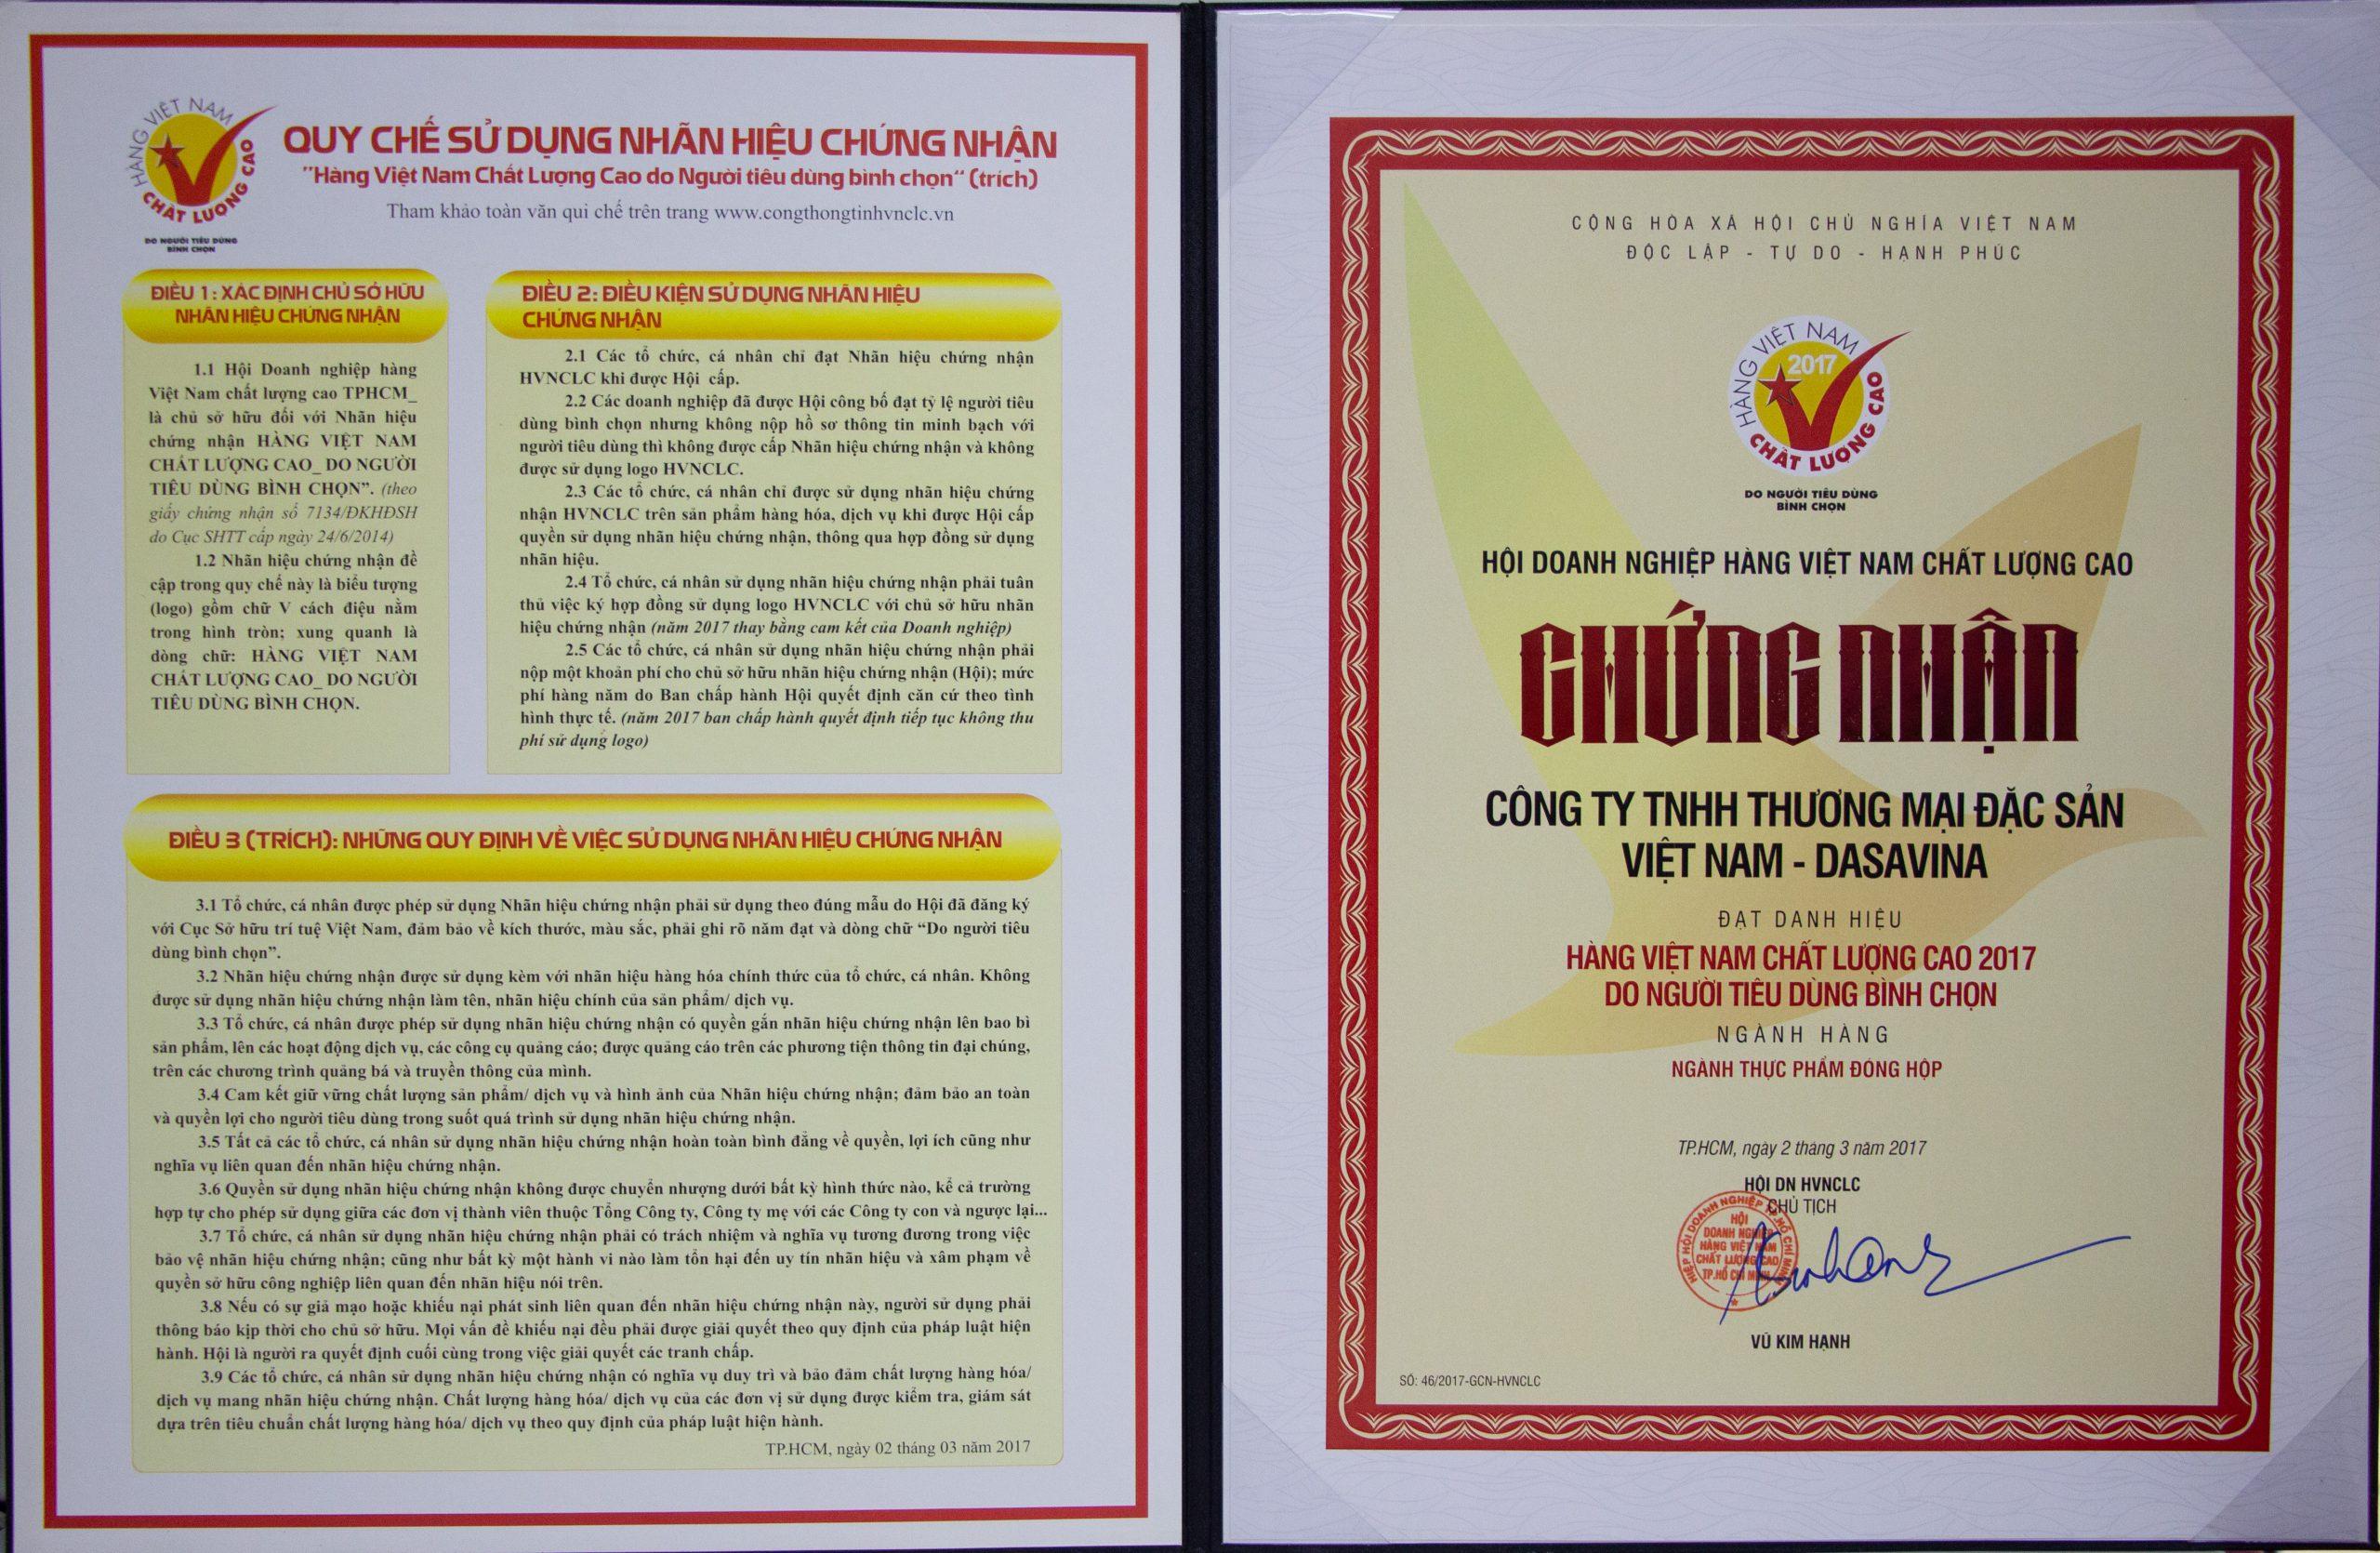 Chứng nhận hàng Việt Nam chất lượng cao do người tiêu dùng bình chọn 2017